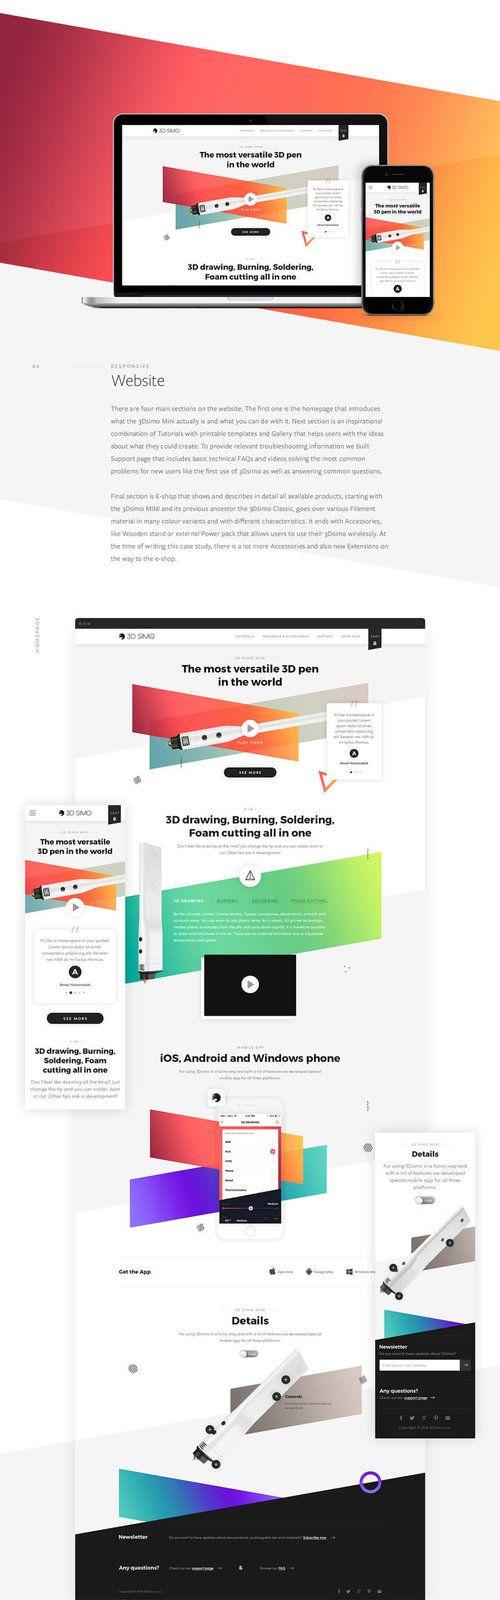 Создание эффективных сайтов, студия web дизайн москва age/25 сравнение хостинг провайдеров петербург